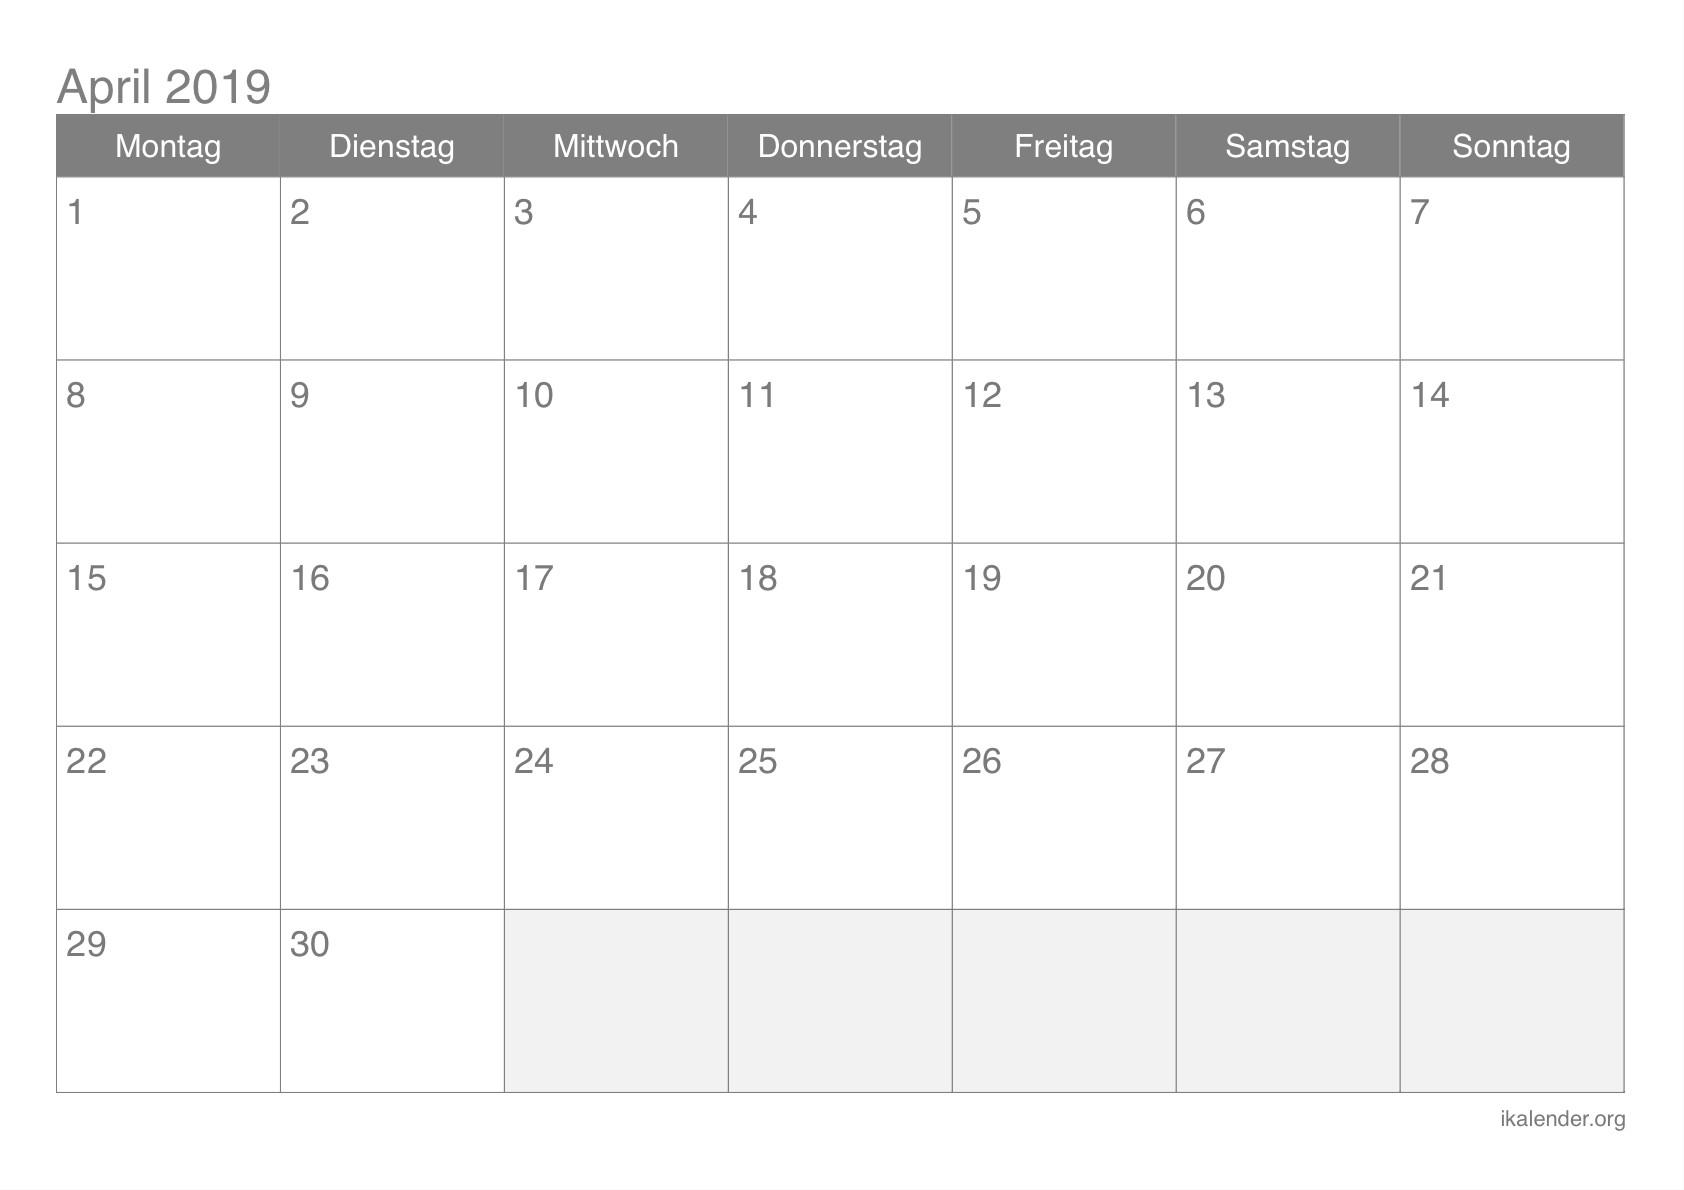 April 2019 Kalender Wort